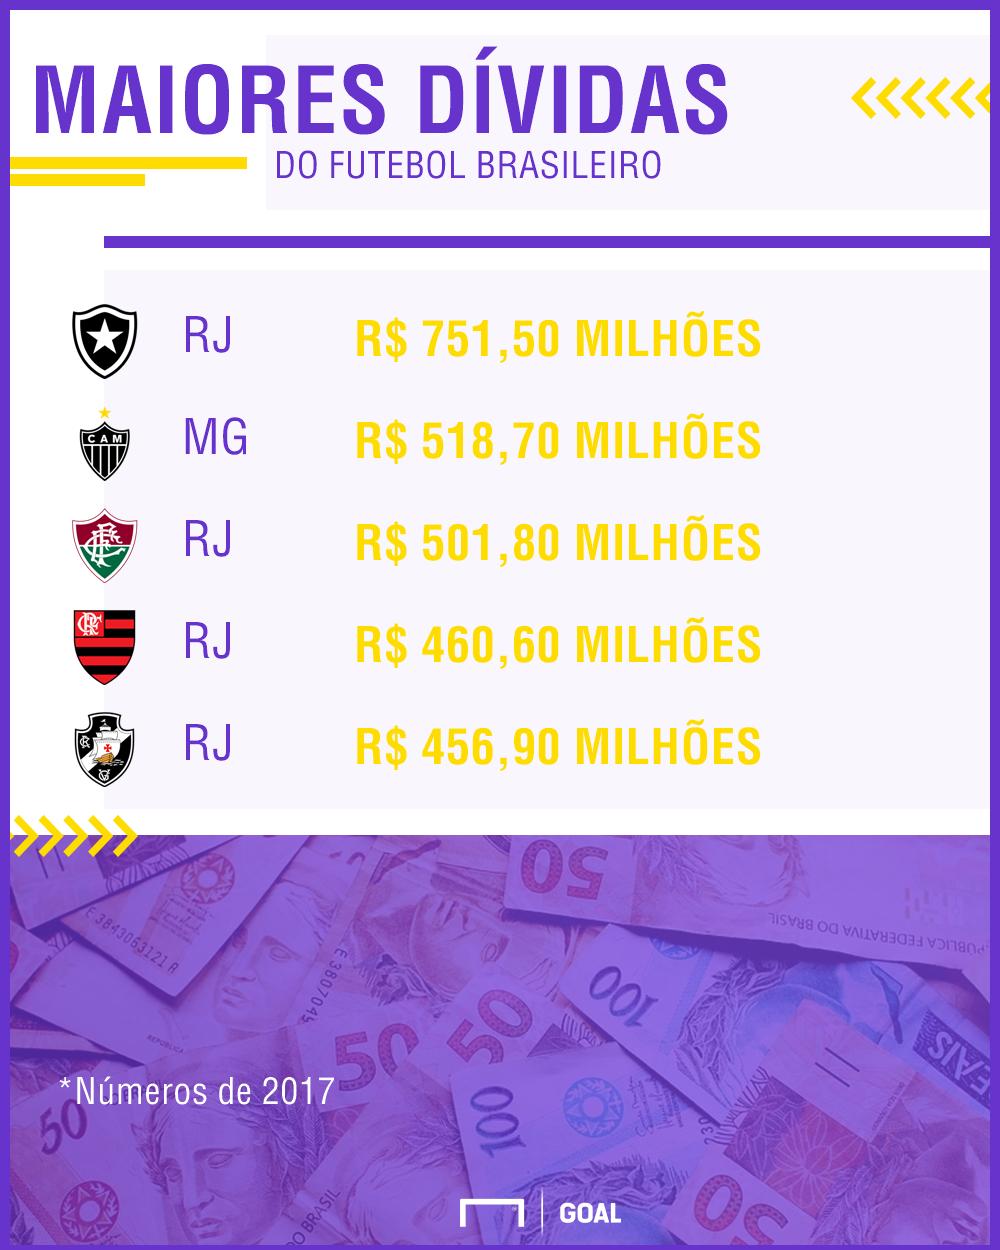 GFX dívidas do futebol brasileiro